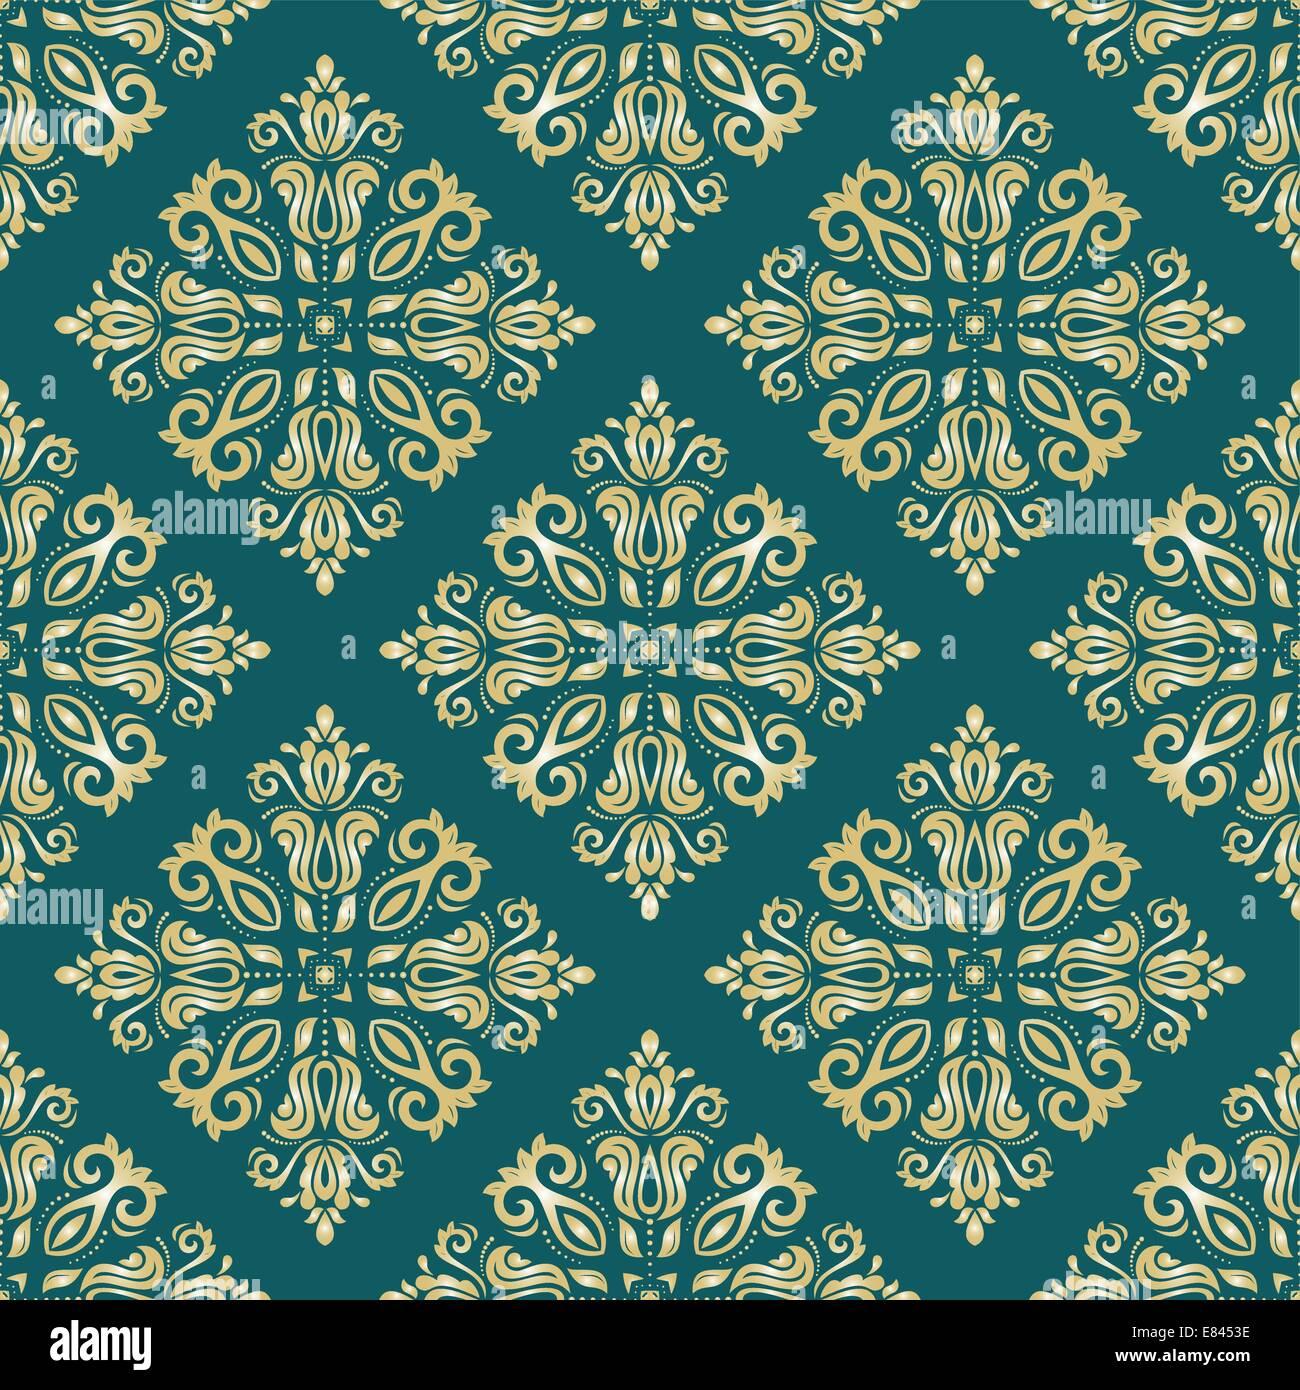 Vecteur oriental avec motif floral et arabesque en damassé, éléments. Résumé fond transparent Photo Stock